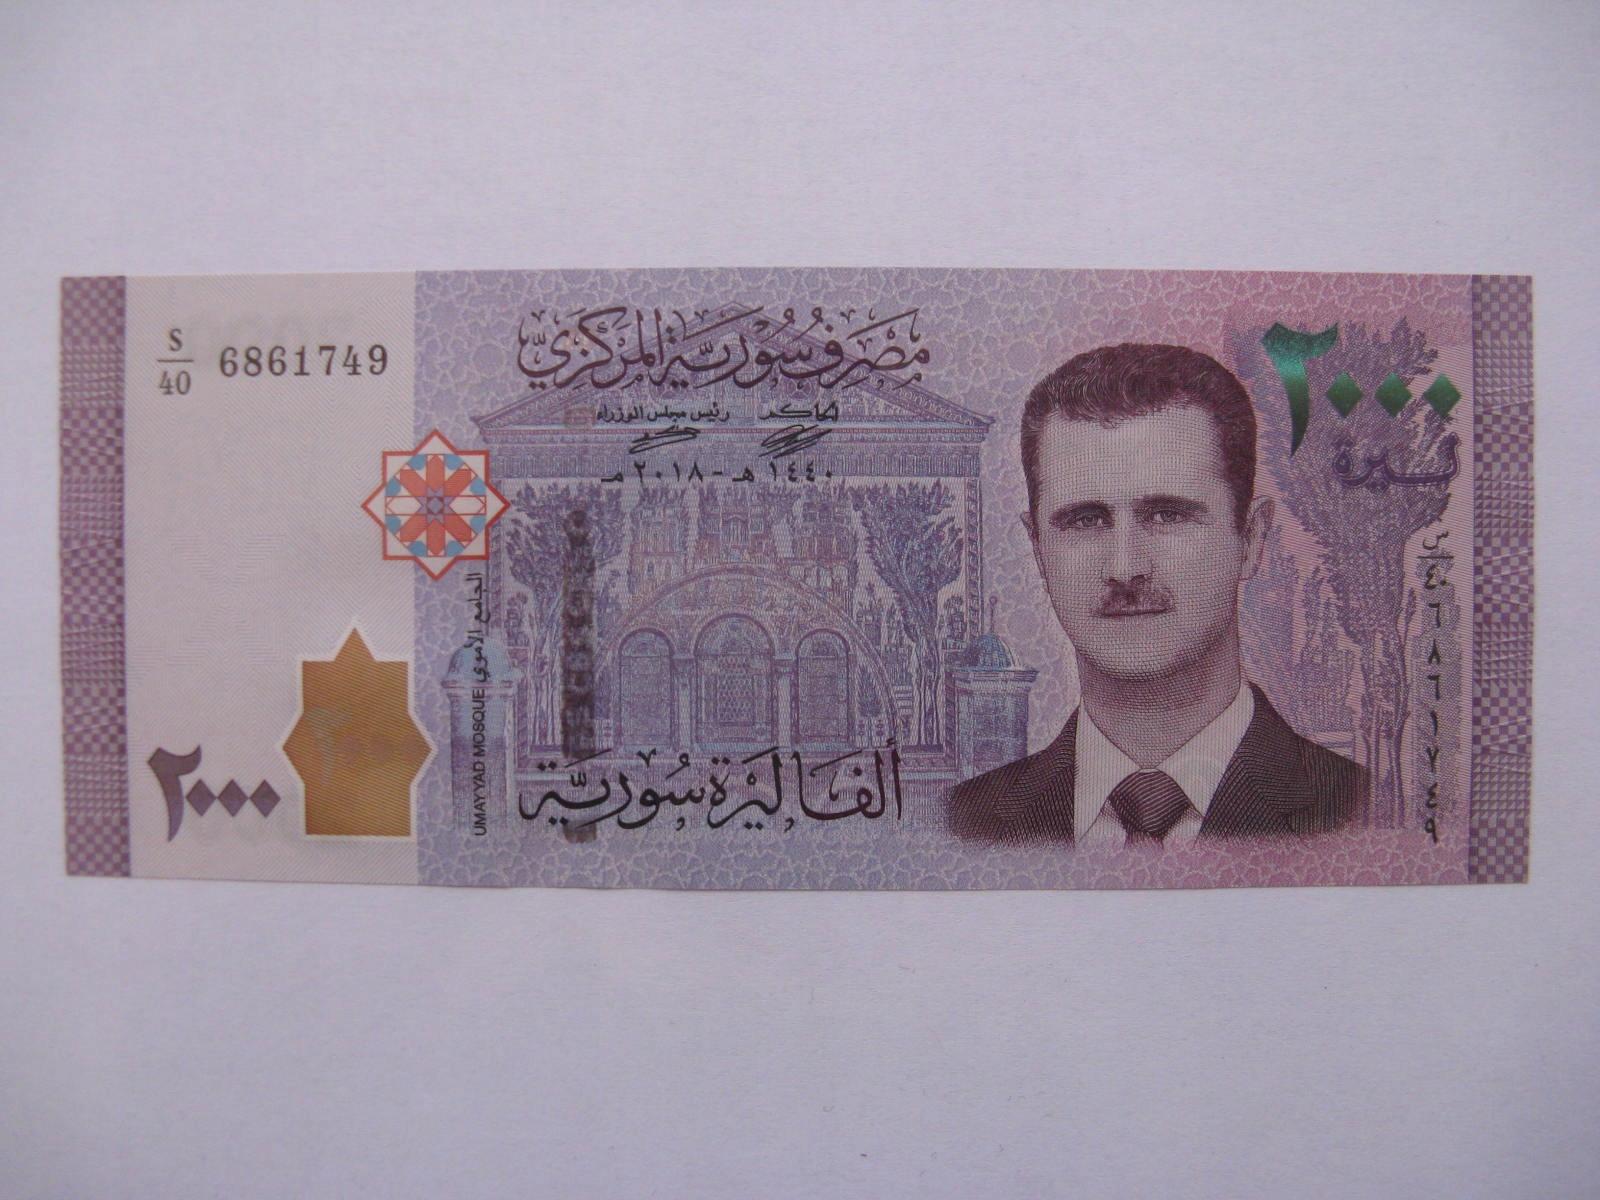 Сирия - 2000 фунтов - 2018 - P117 - St. 1